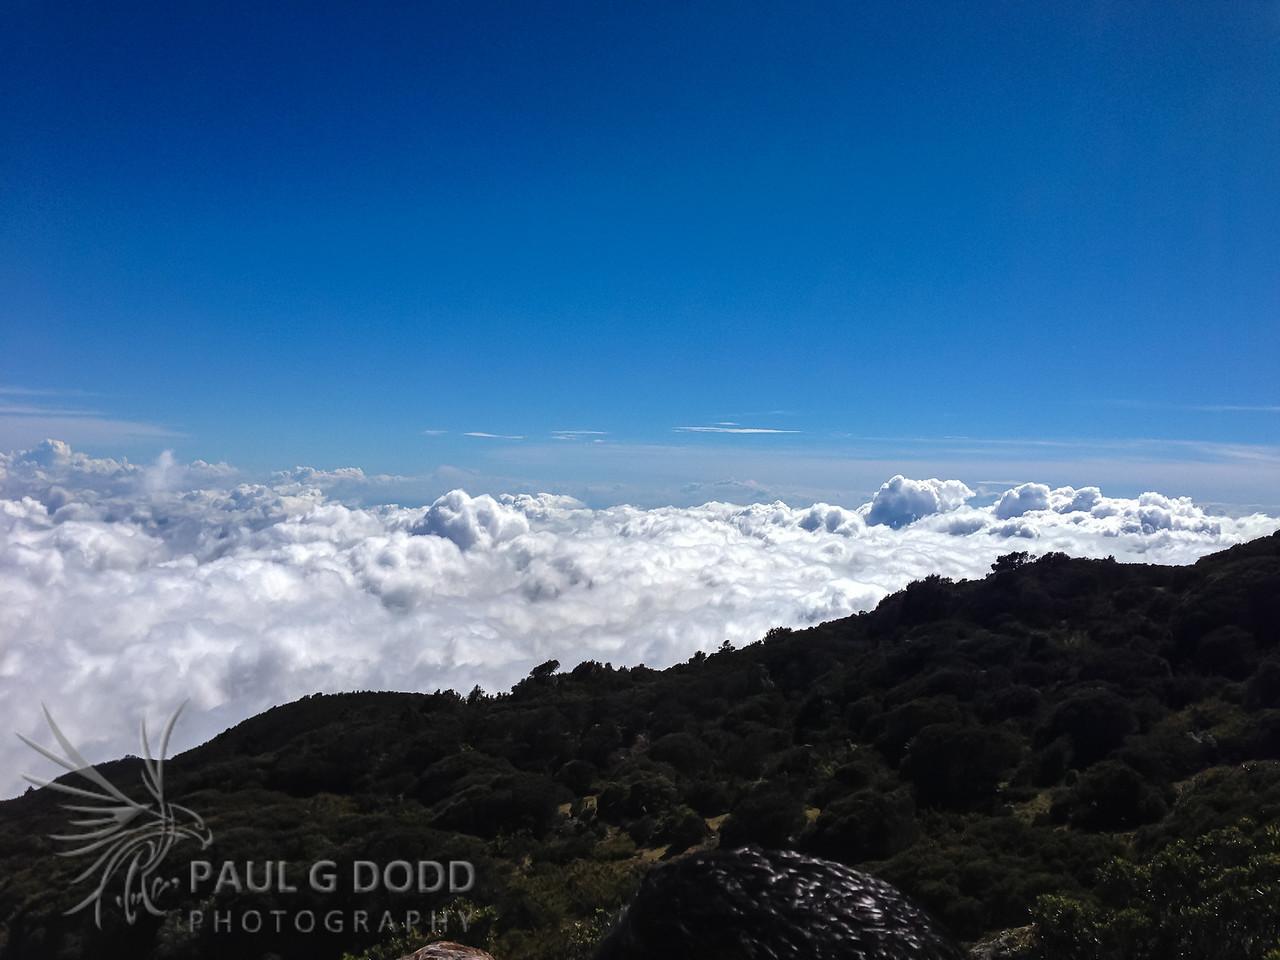 3200m atop Cerro de la Muerte, looking for the high-altitude species